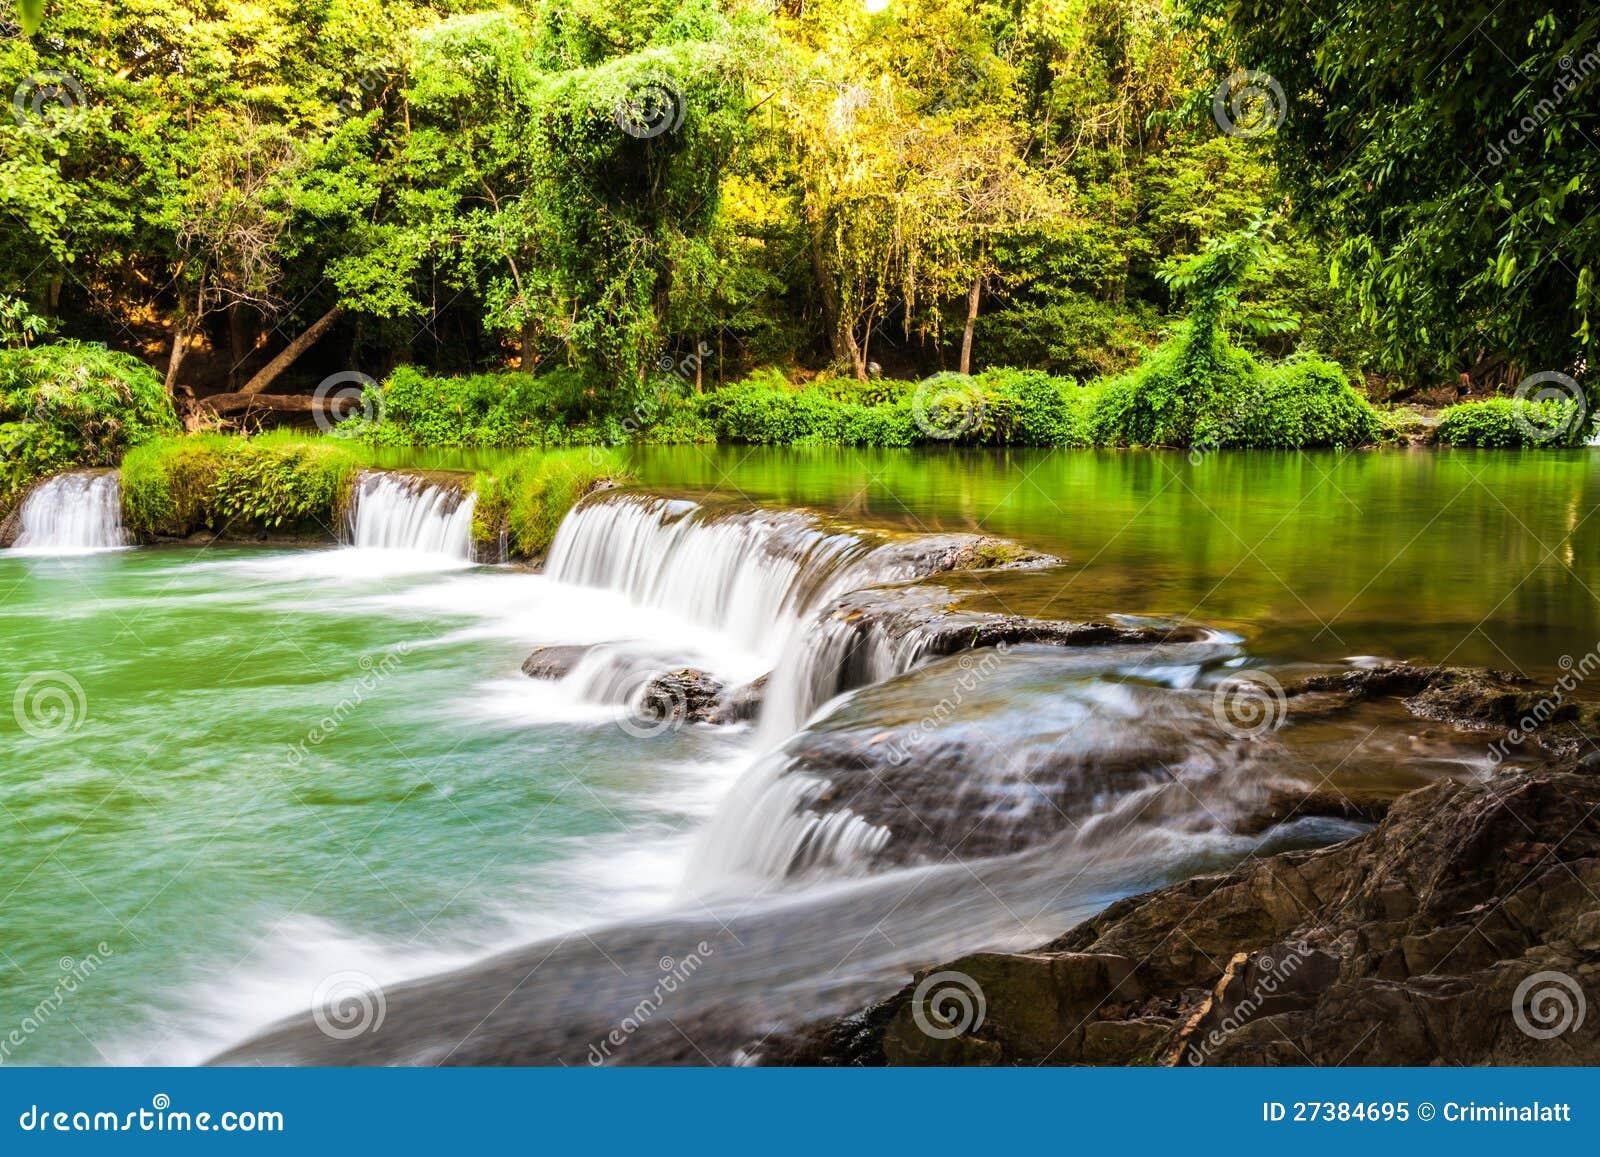 去泰国免筺(Y_热带瀑布在泰国 免版税库存照片 - 图片: 27384695